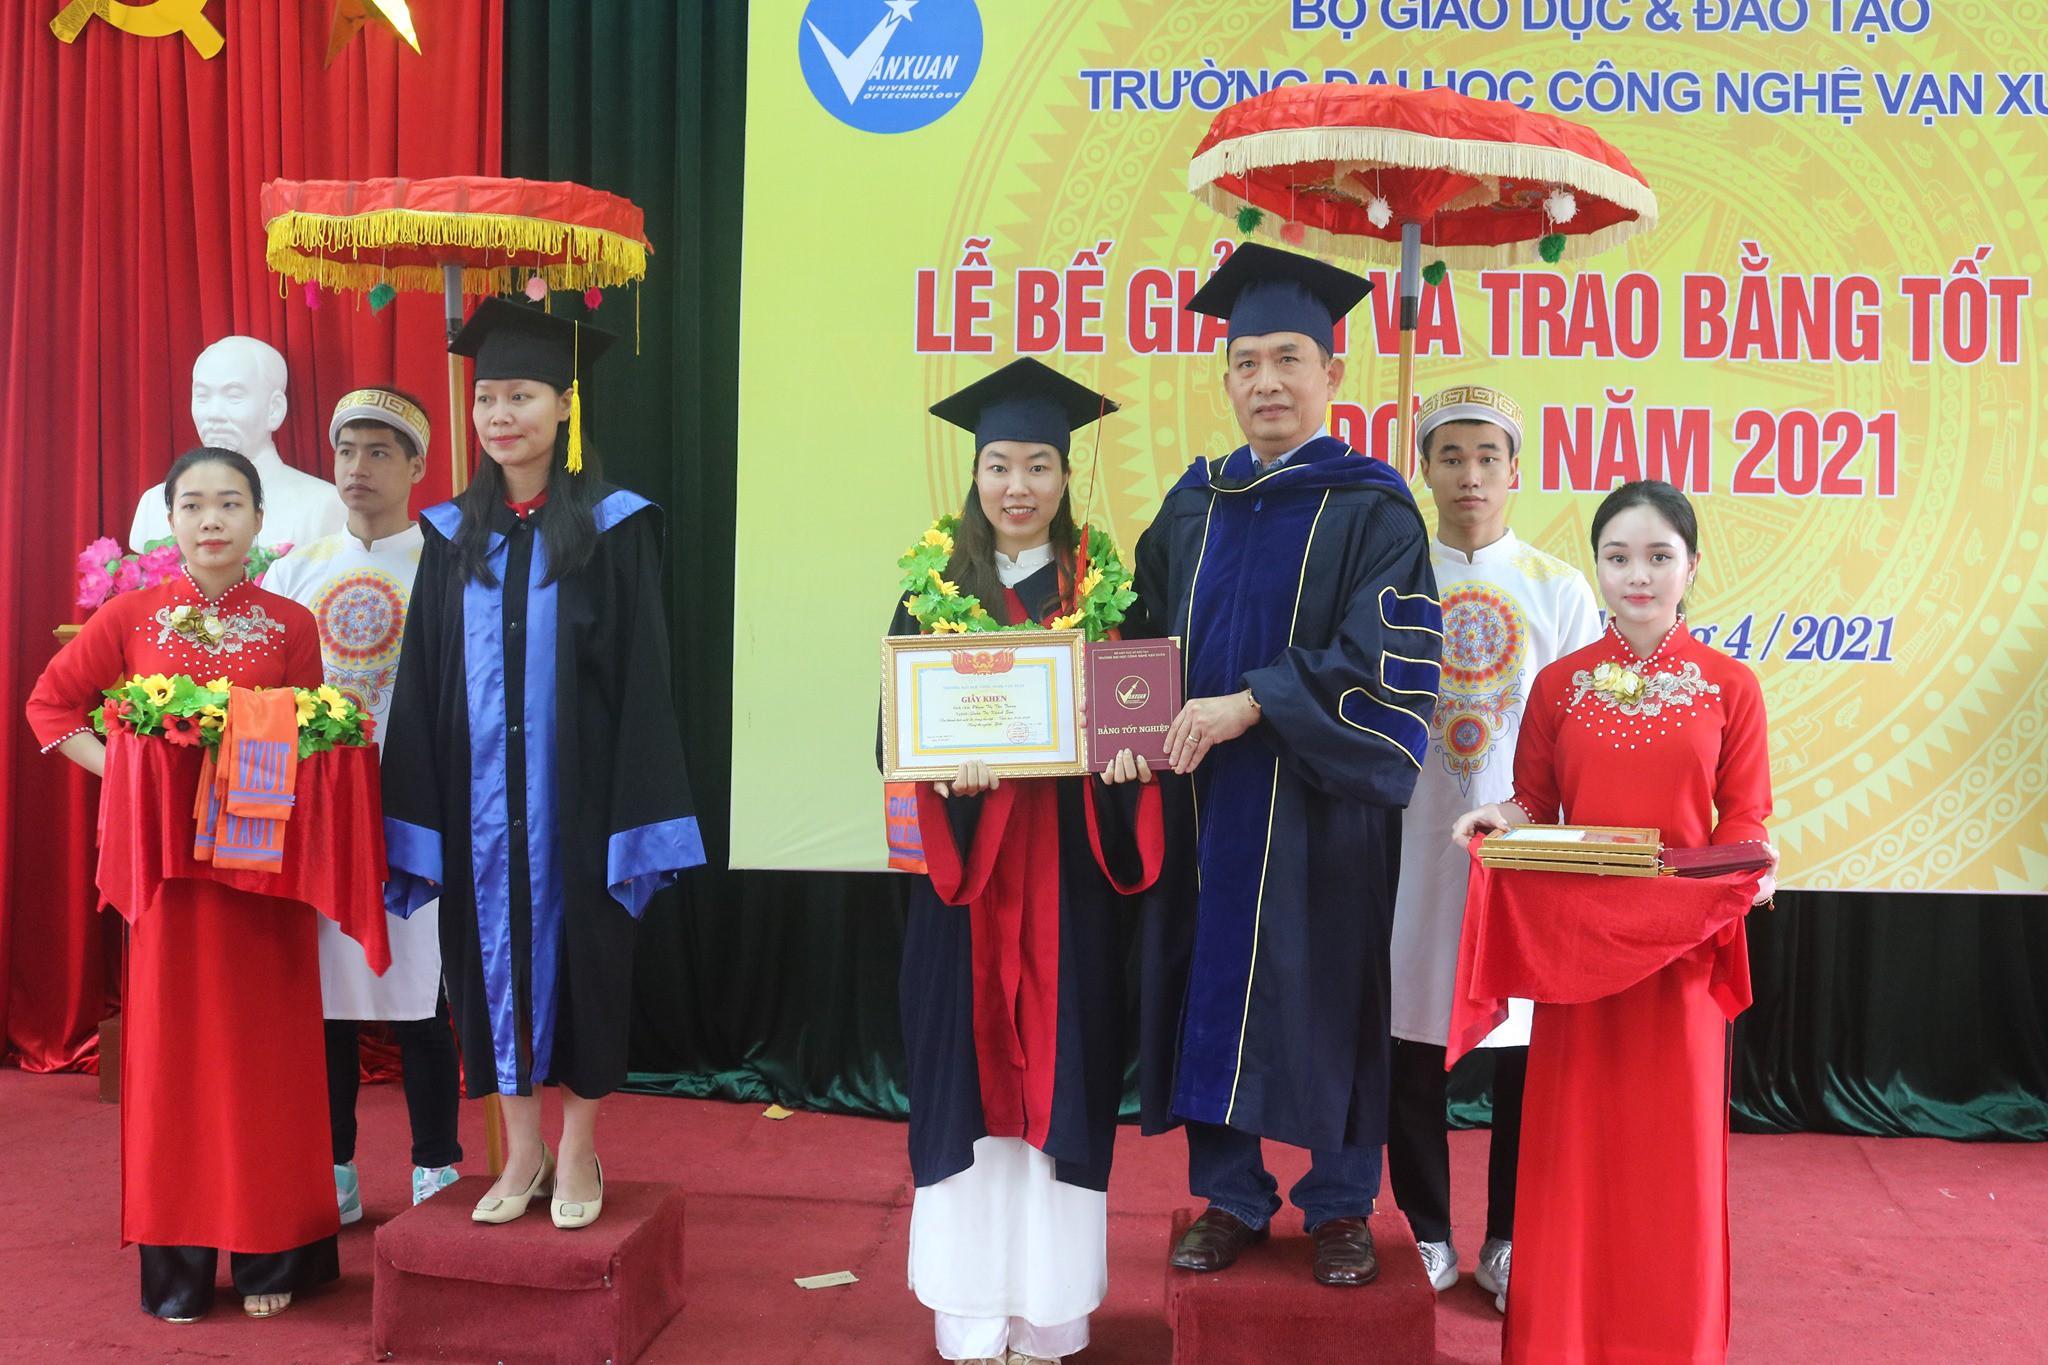 Lễ Bế giảng và trao bằng tốt nghiệp hệ đại học đợt 2 năm 2021